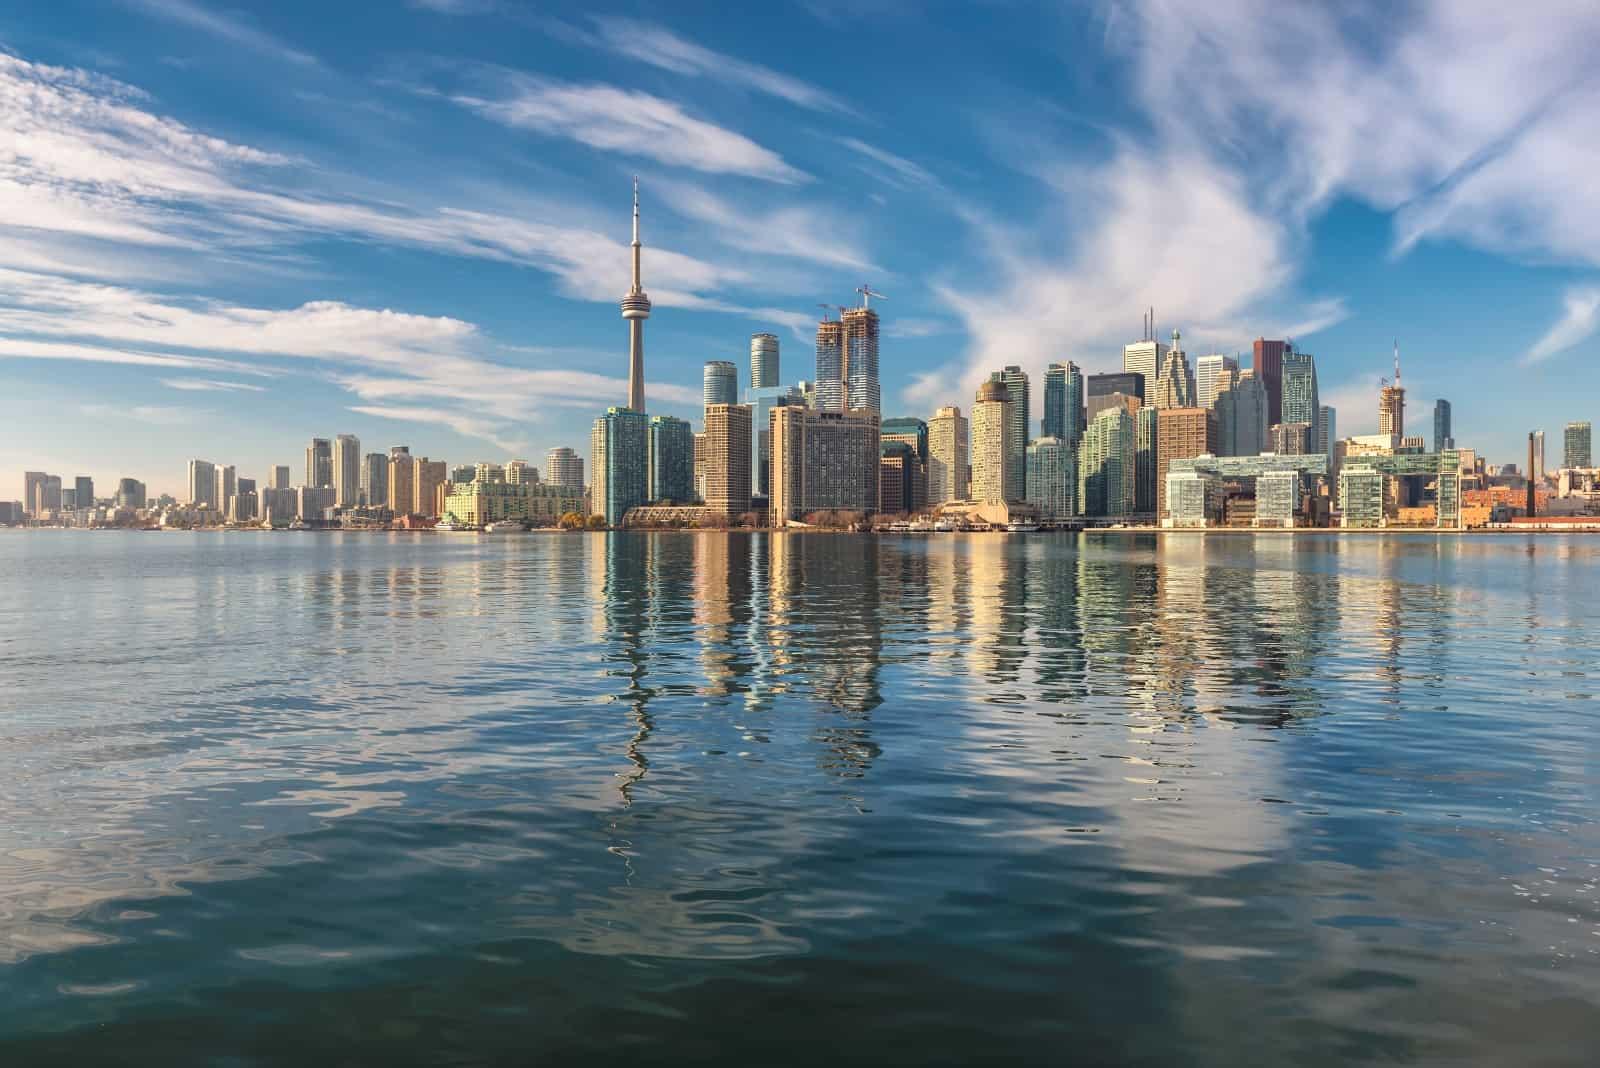 Toronto vom Ontariosee aus gesehen Foto lucky-photographer